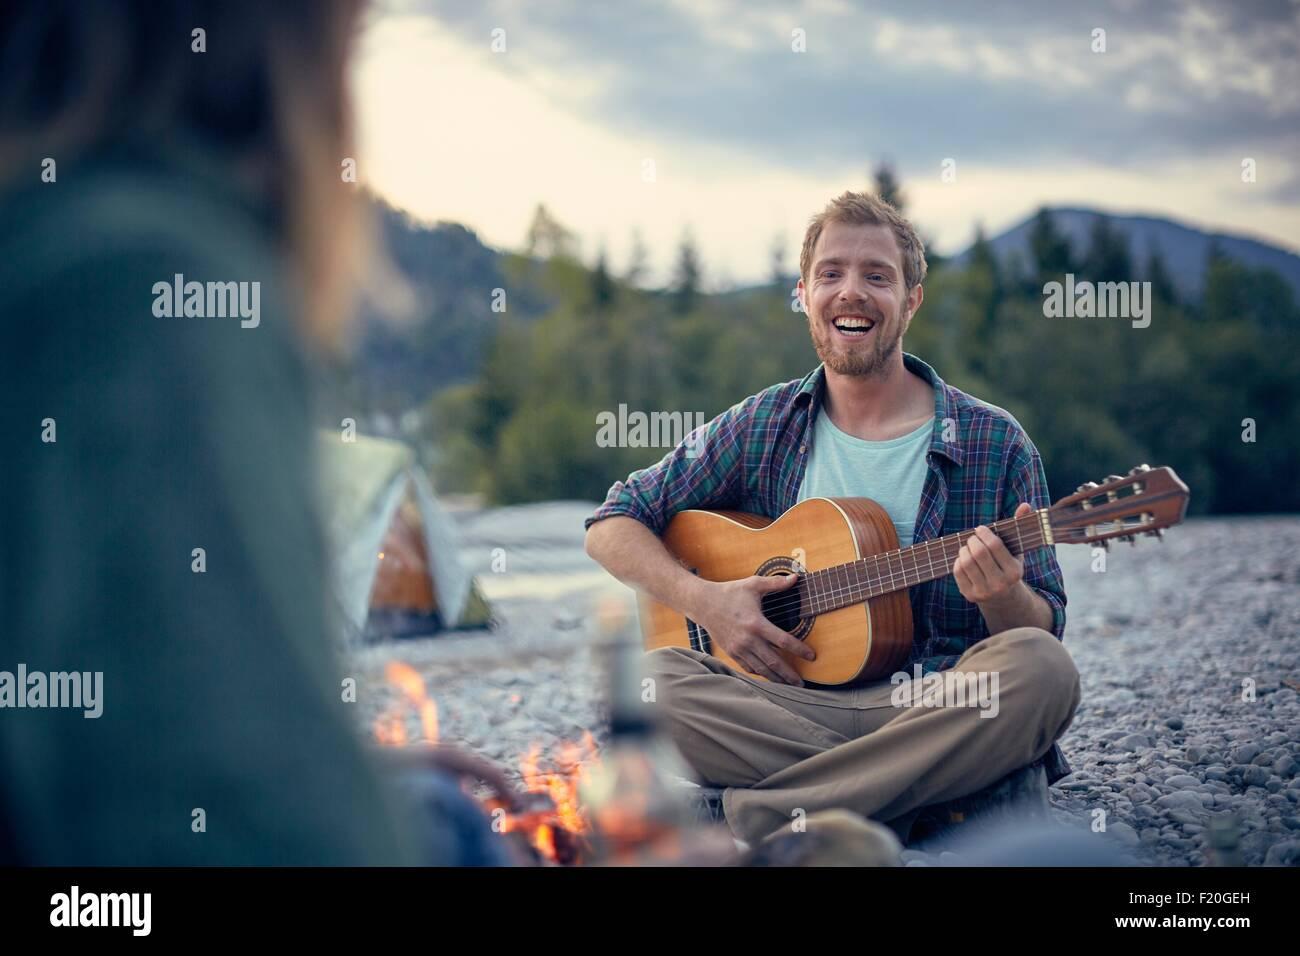 Vista frontale del giovane uomo seduto da fuoco a suonare la chitarra Immagini Stock